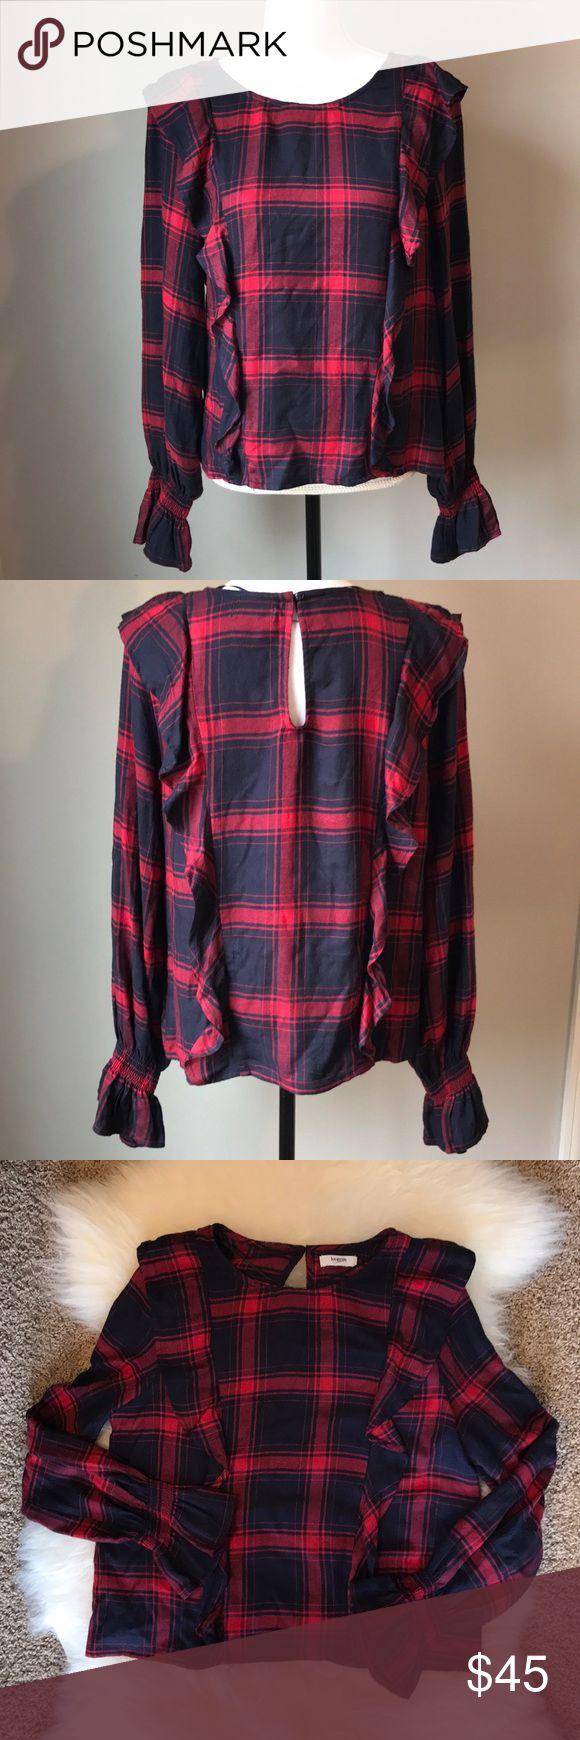 """Kensie Jeans ruffle top Large Kensie Jeans ruffle top Large  Red & dark Navy  bell sleeves Measurements  ua-ua 21"""" flat lay 23"""" Length Kensie Jeans Tops Blouses"""